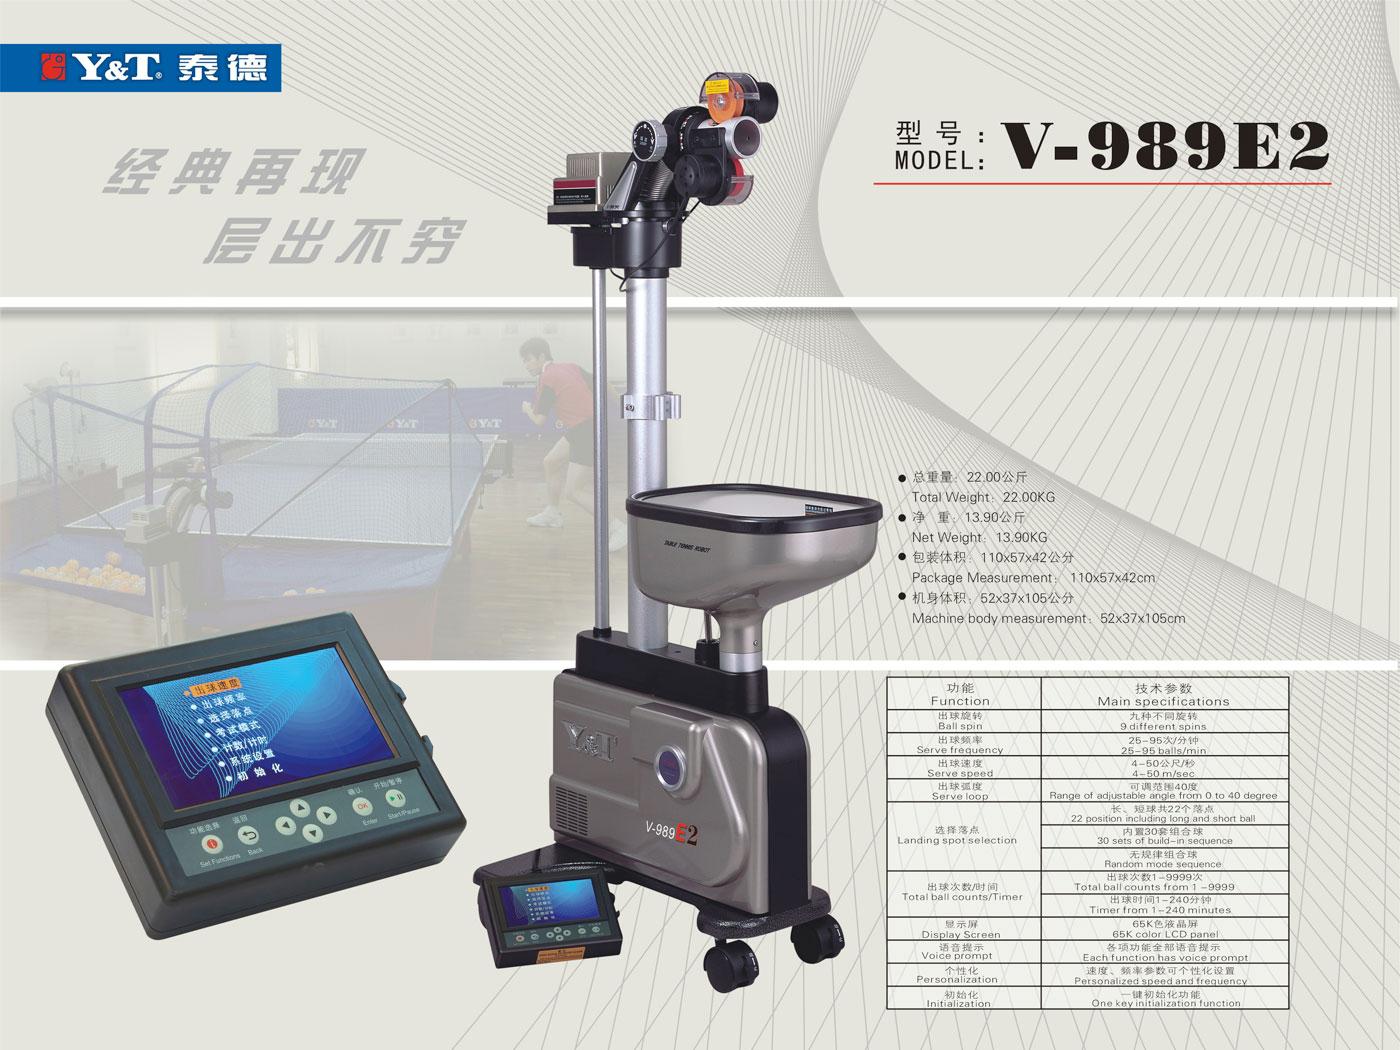 乒乓球发球机 V-989E2